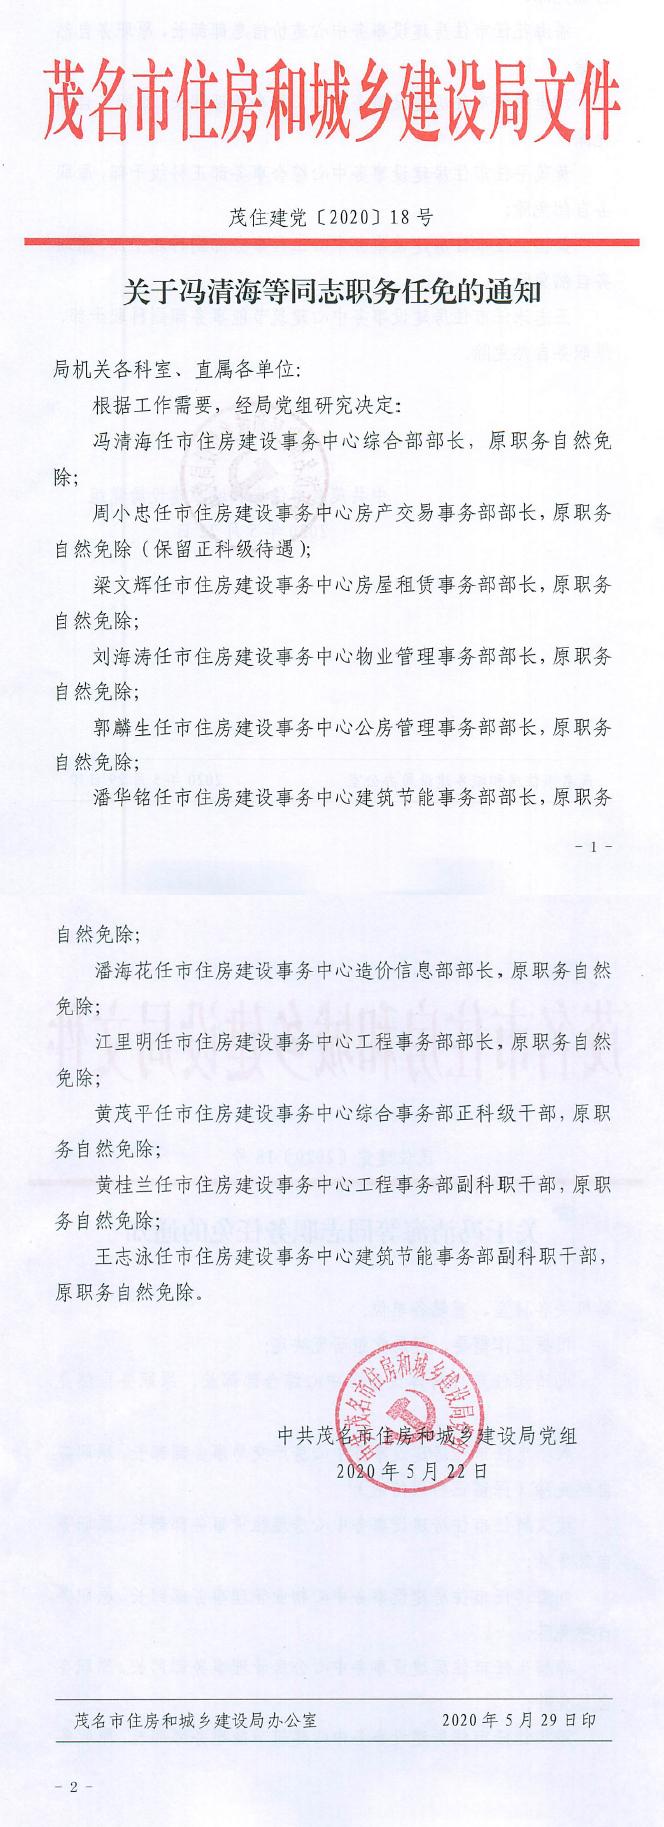 关于冯清海等同志职务任免的通知(茂住建党[2020]18号).jpg